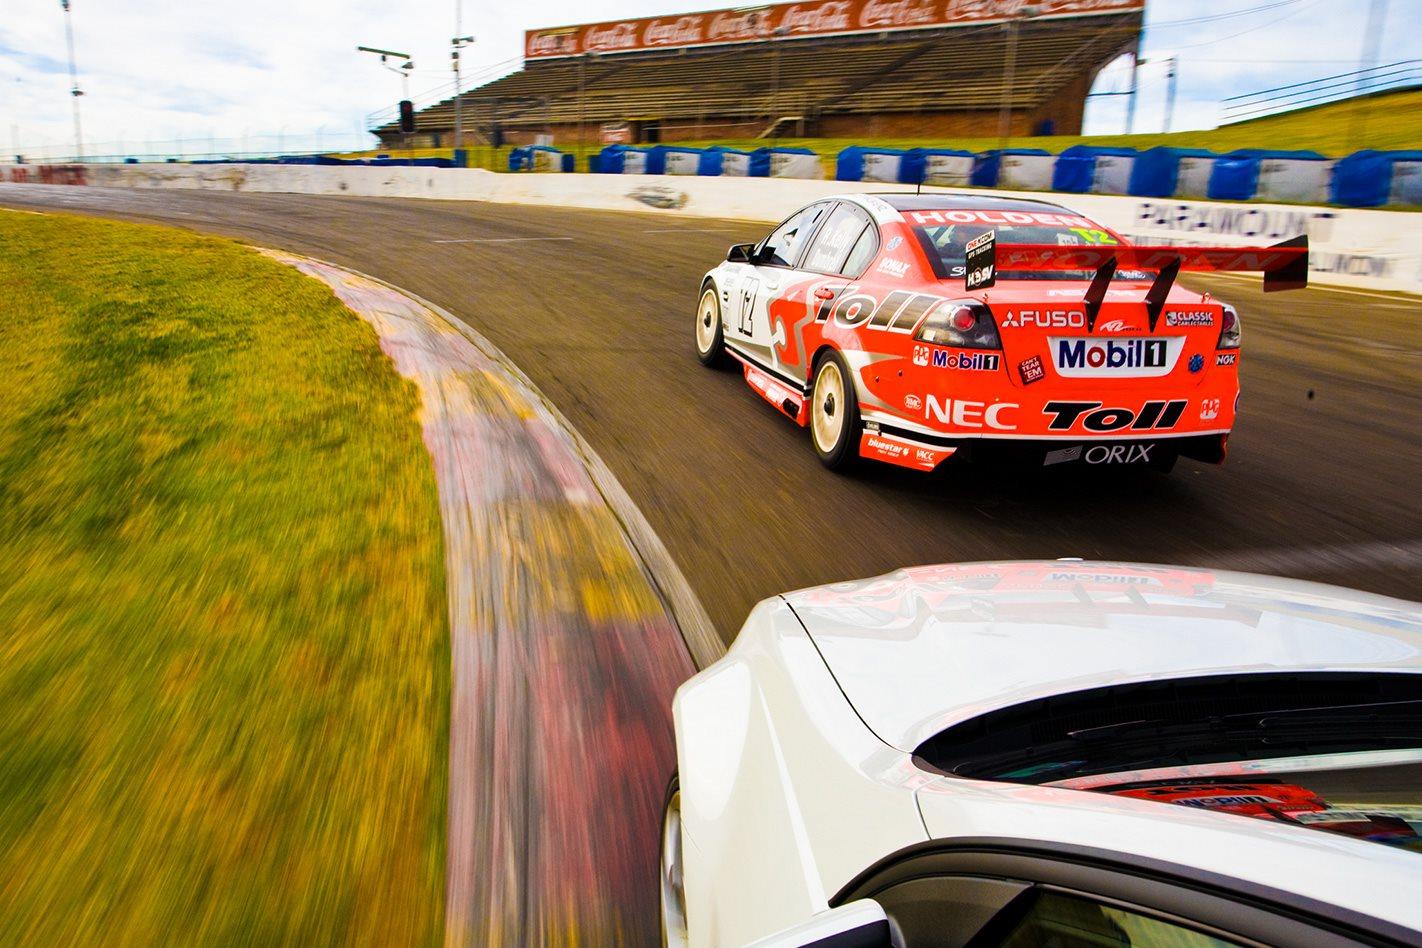 HSV-V8-Supercar-driving-Sydney-Oran-Park.jpg